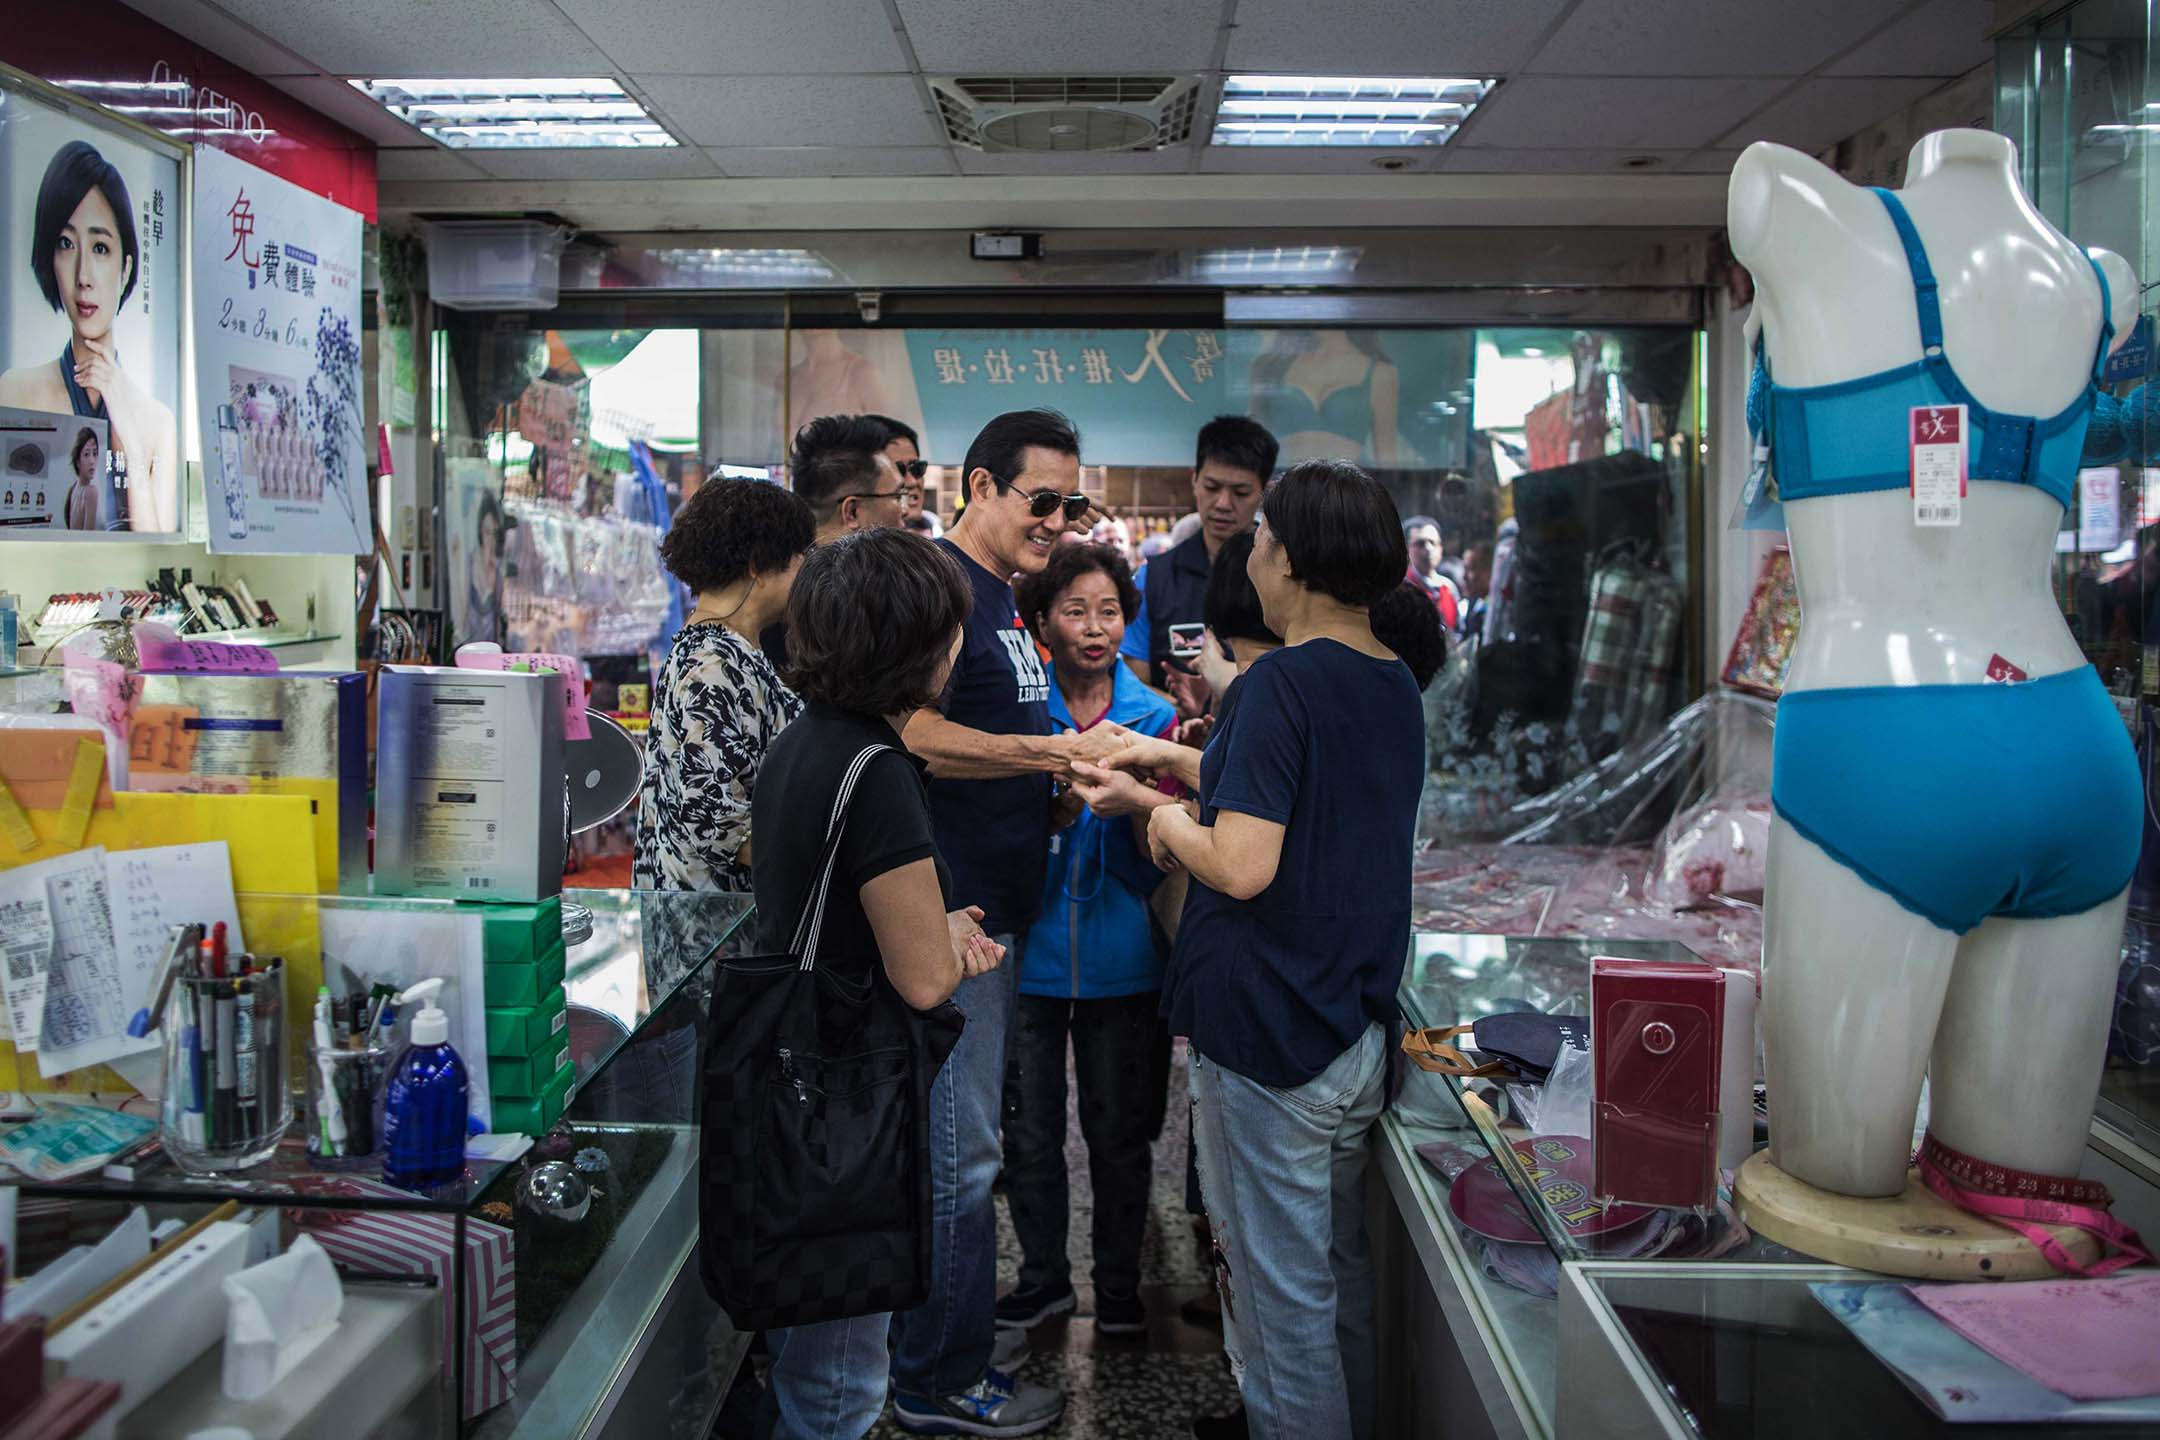 2018年11月6日,前總統馬英九陪同國民黨台北市議員候選人張斯綱到北投市場掃街拜票。